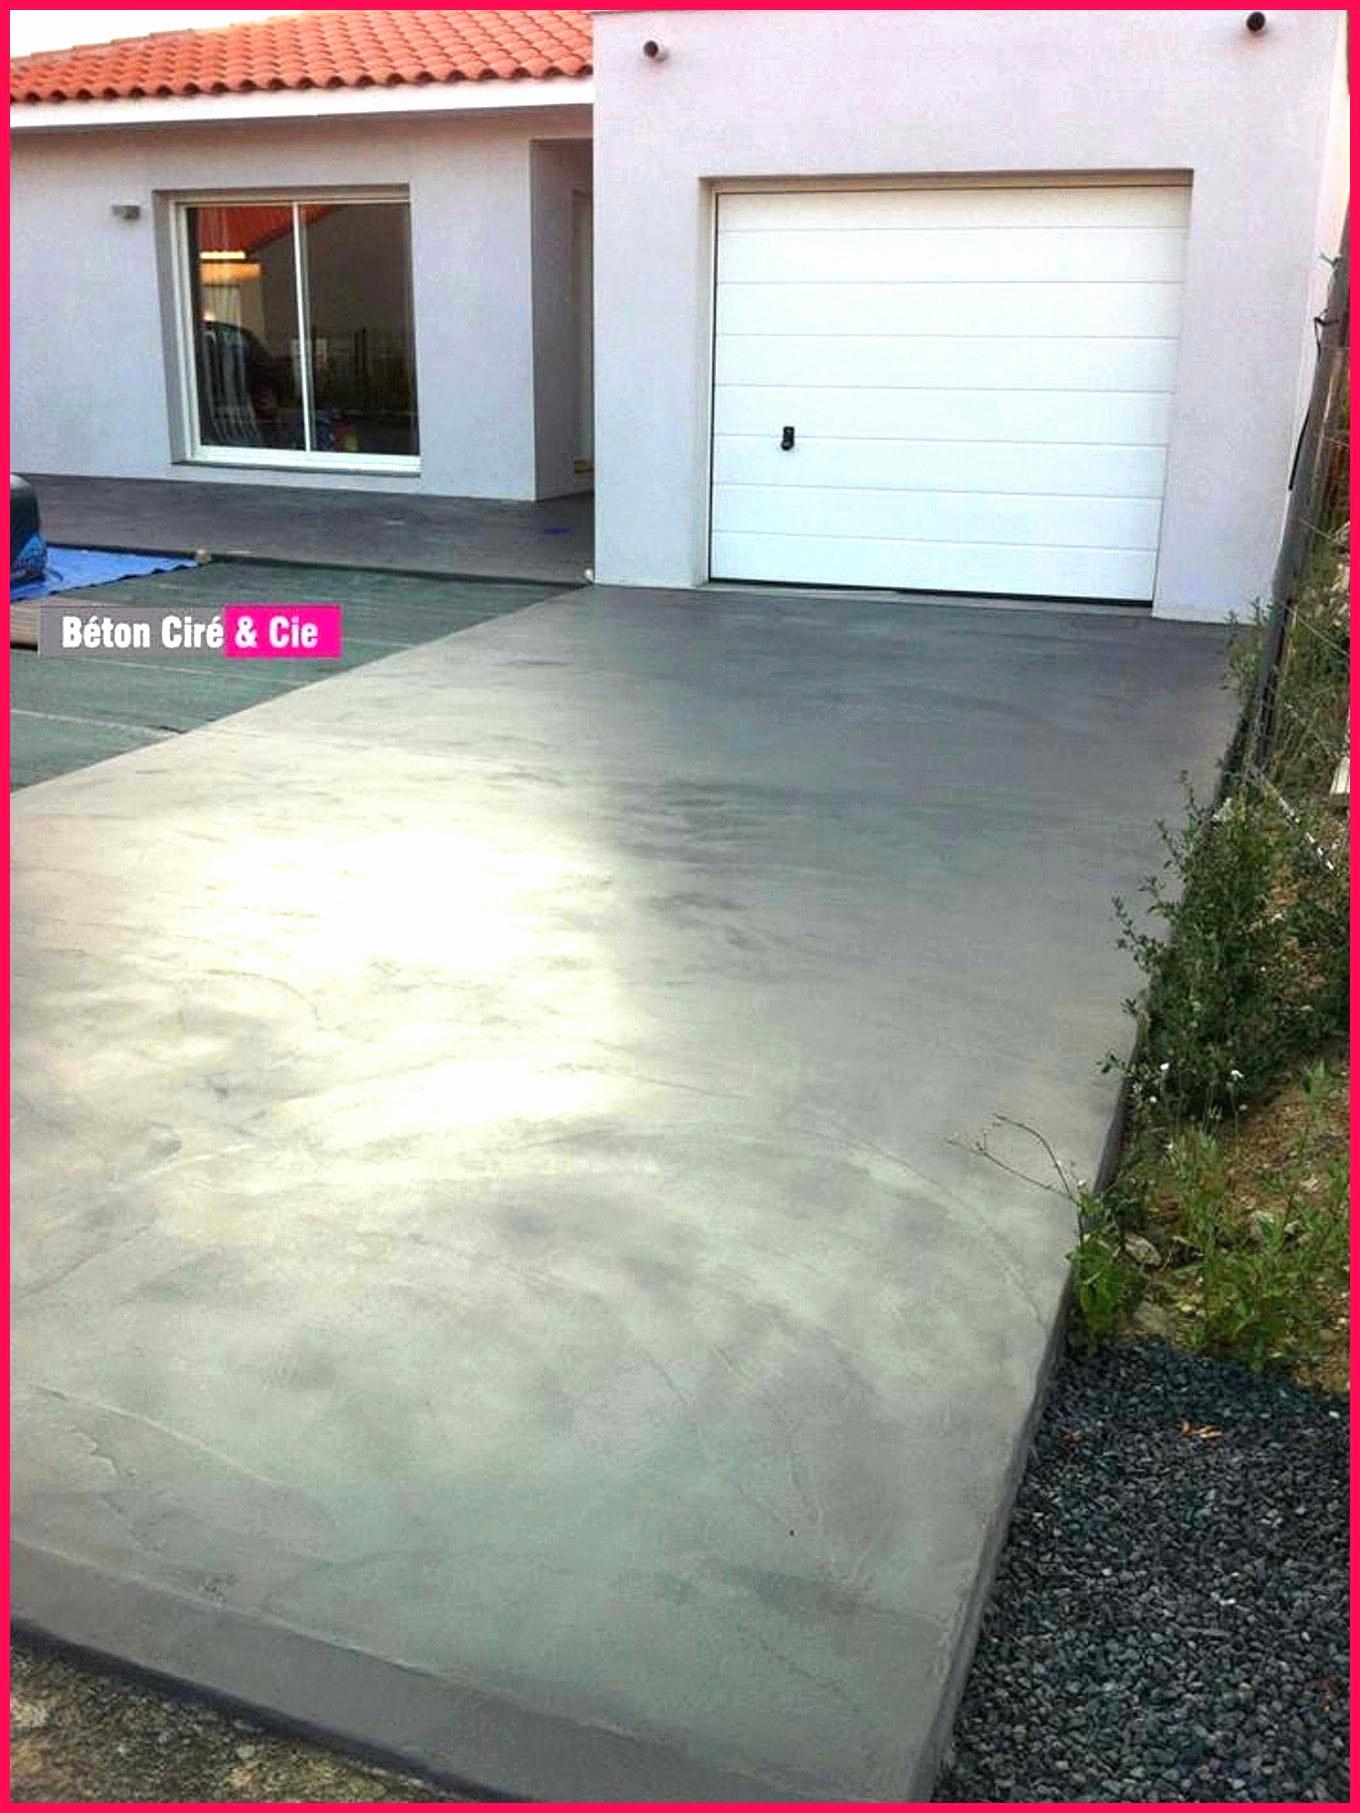 peinture sol exterieur castorama impressionnant beton decoratif exterieur unique peinture pour lino castorama of peinture sol exterieur castorama